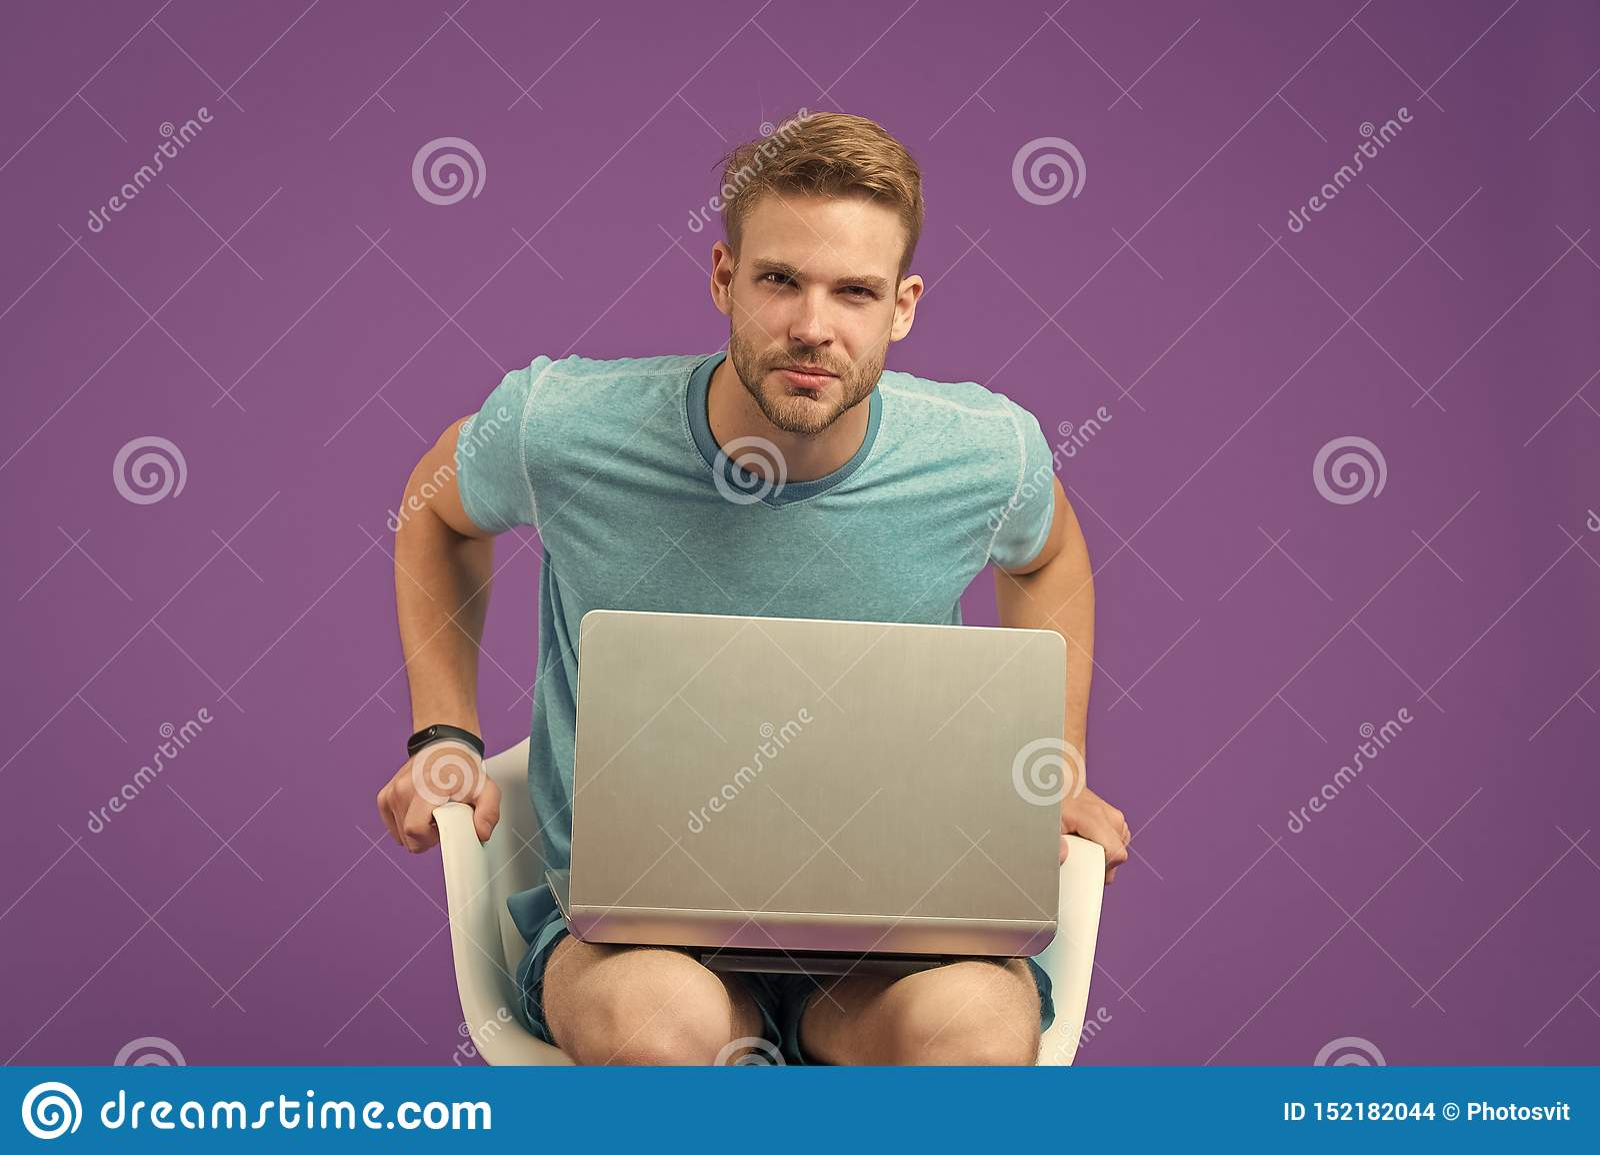 K?p direktanslutet Tagandef?rdelsonline-shopping access fria internet Man med den moderna b?rbara datorn som surfar internet mode